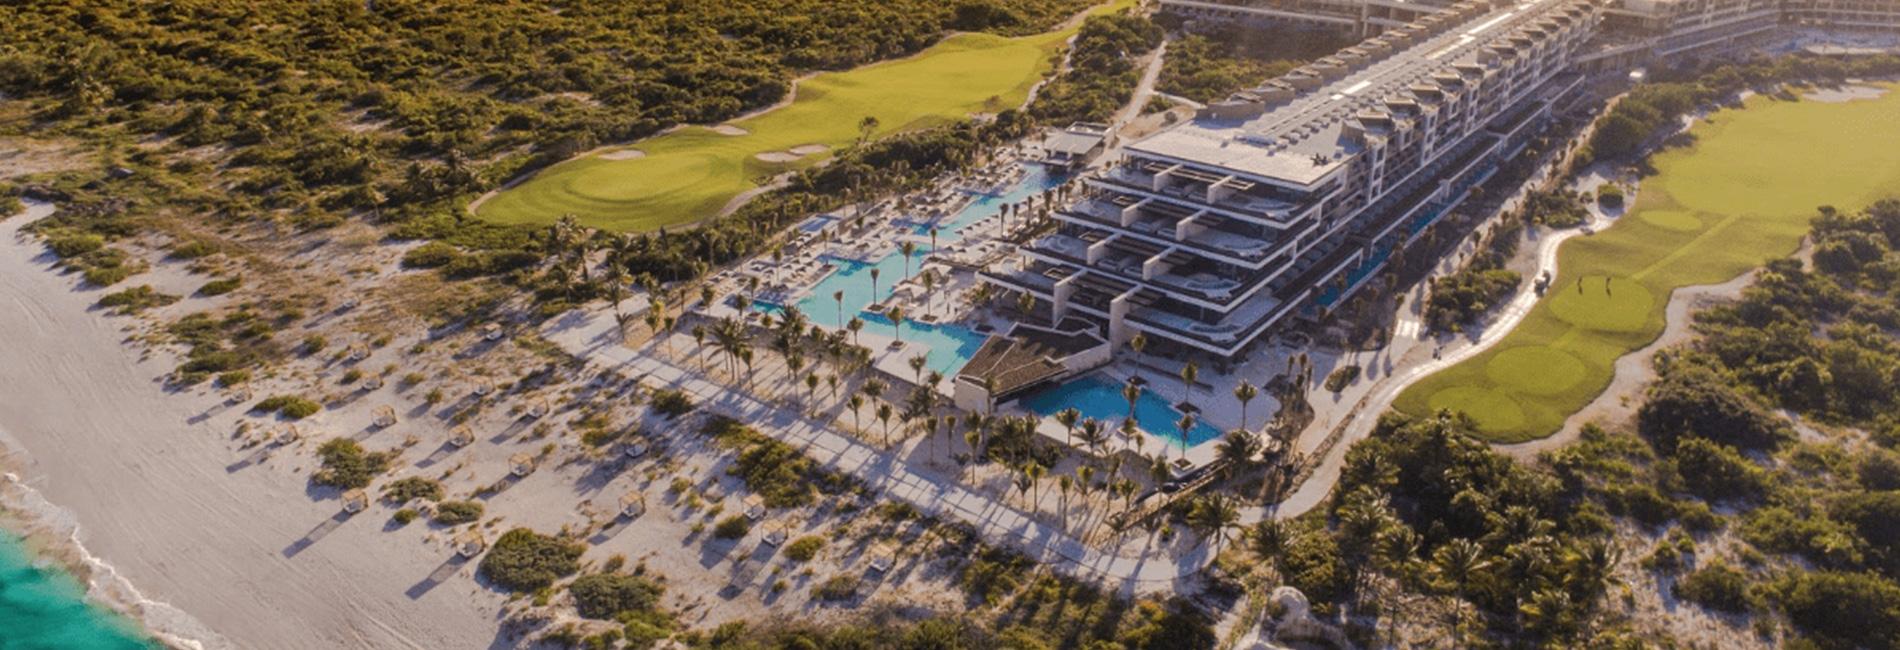 ESTUDIO Playa Mujeres, primer hotel con el concepto de lujo relajado